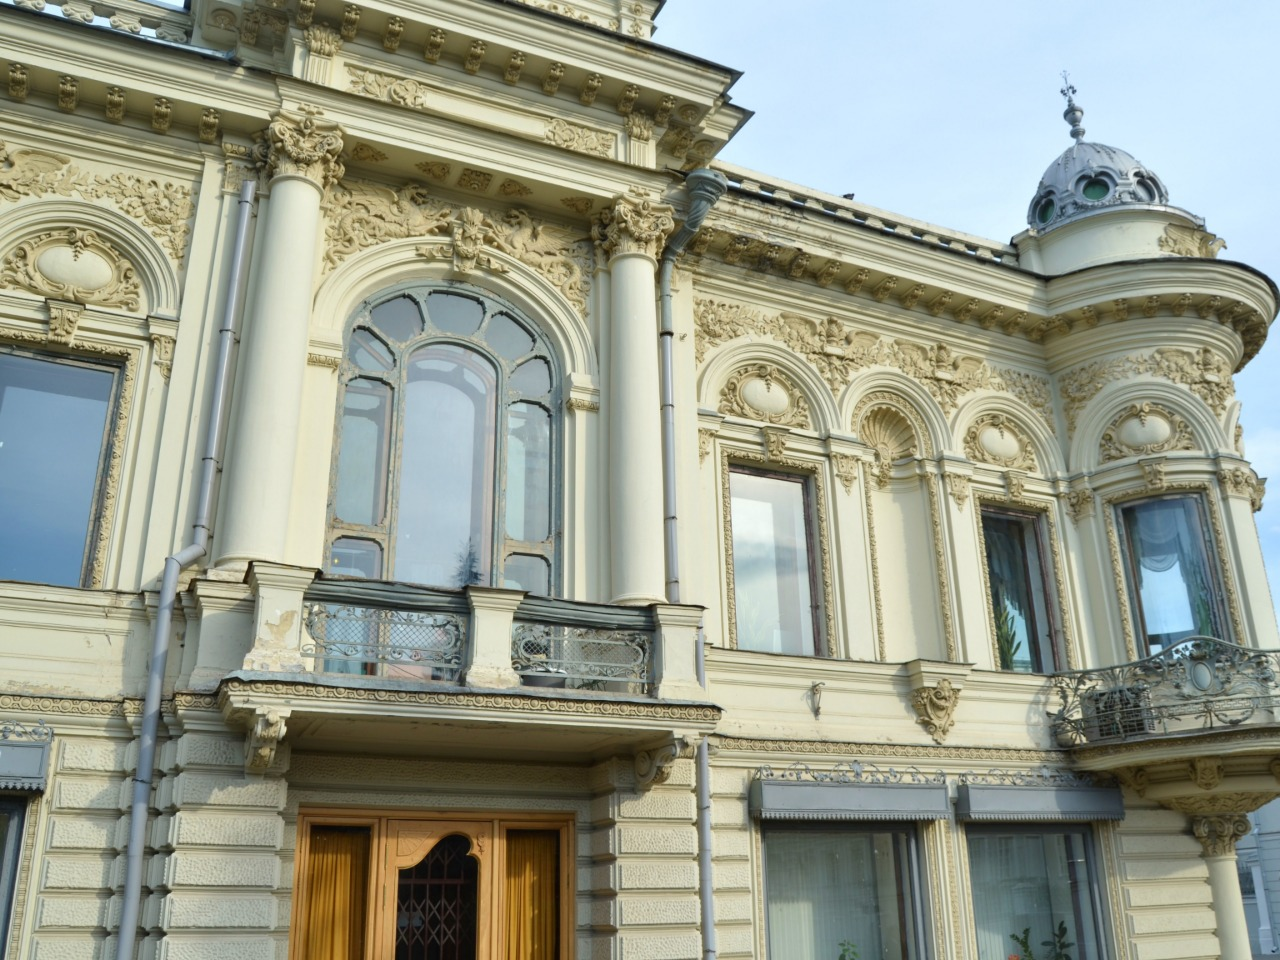 Два лика Казани: из Европы в Азию  - индивидуальная экскурсия в Казани от опытного гида